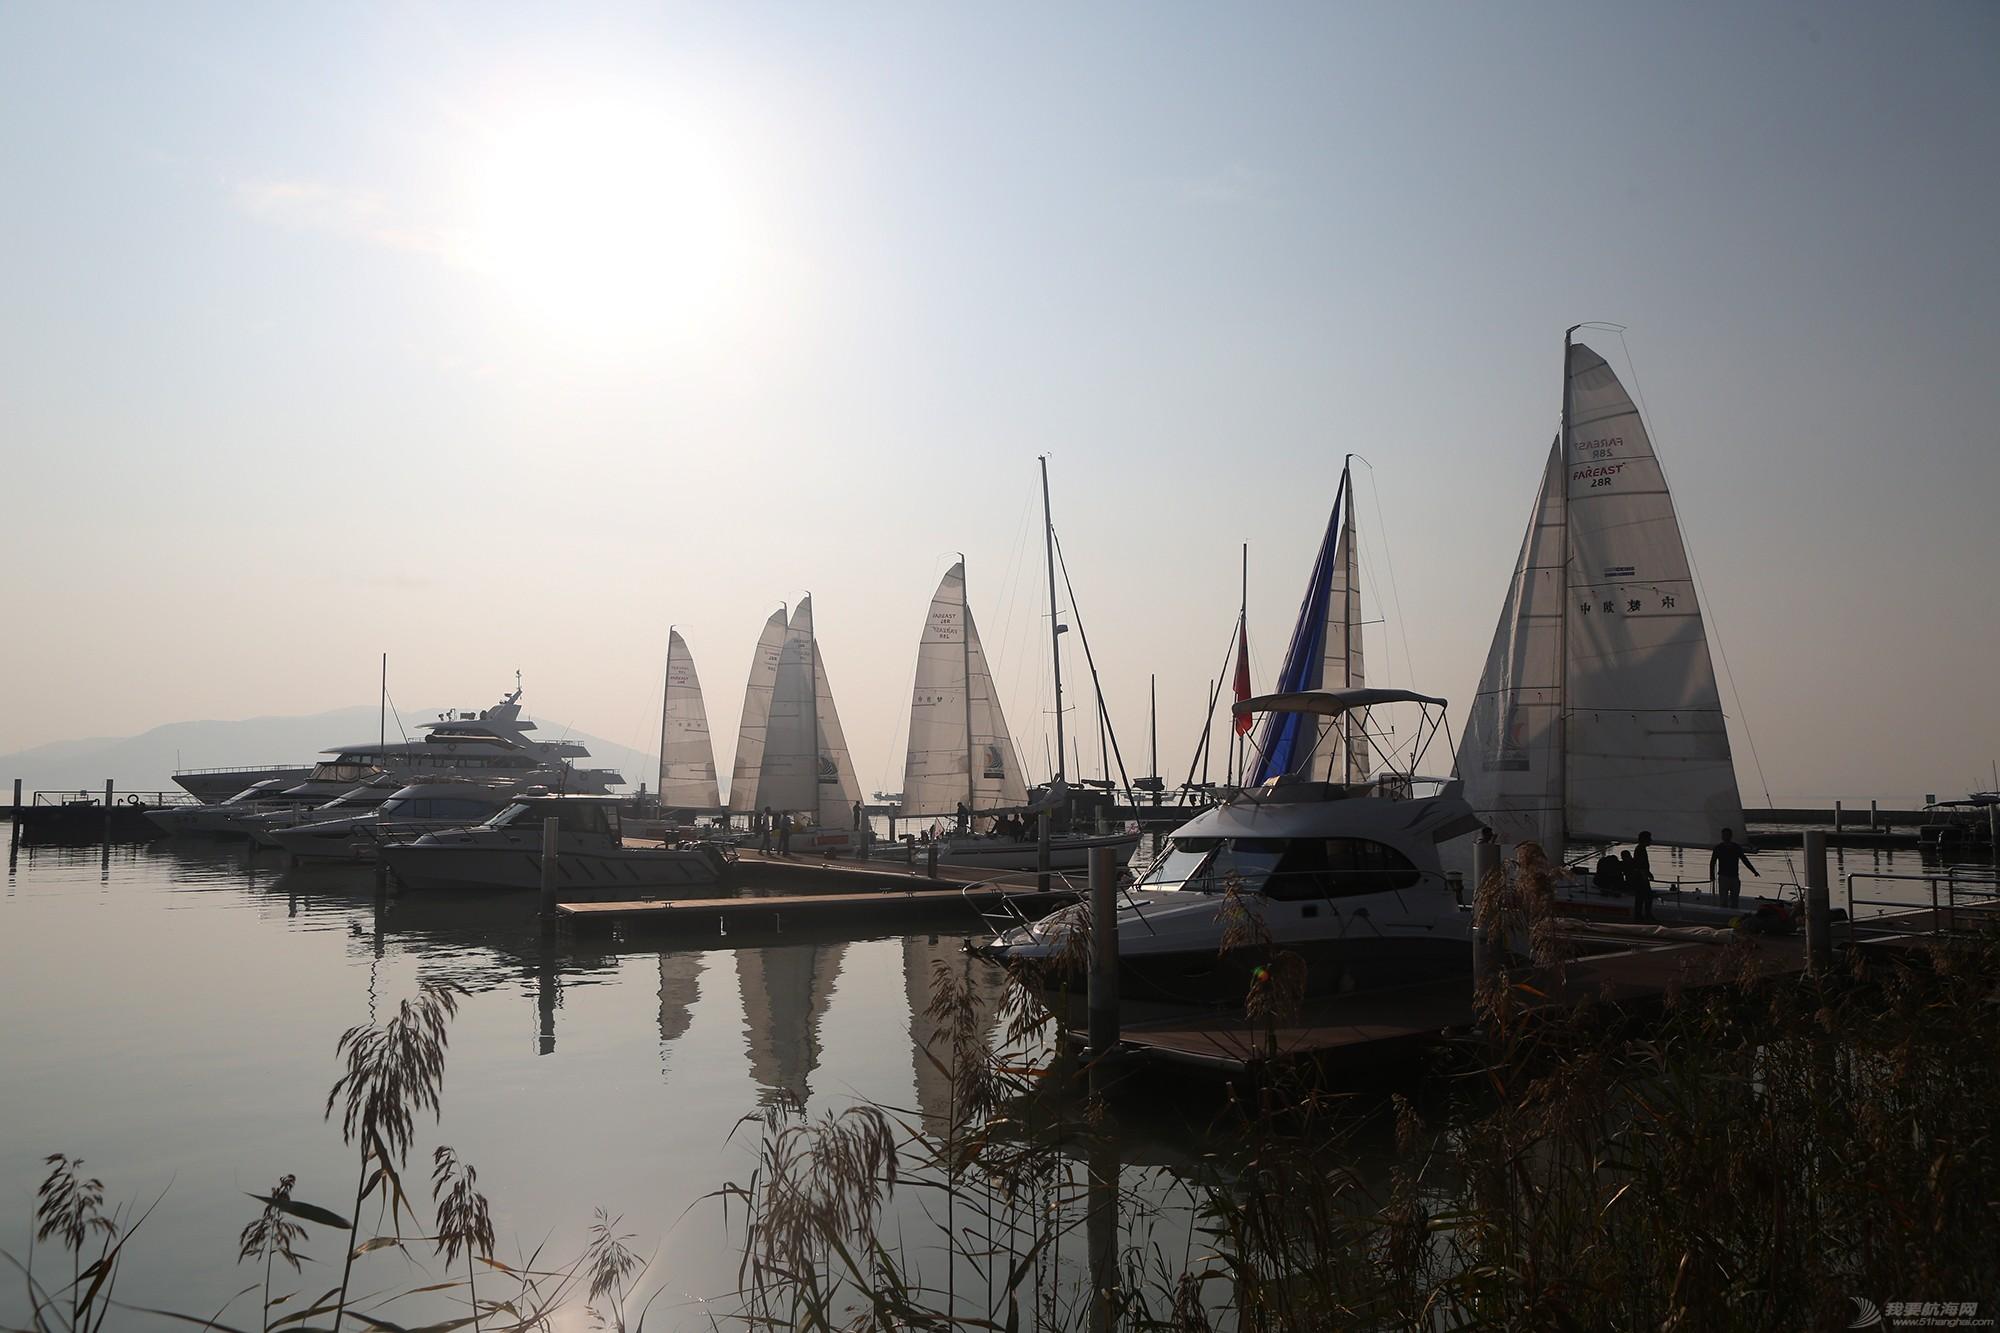 俱乐部,总经理 我要航海网专访菱湖湾游艇俱乐部凌黎总经理 5V8A7180.JPG